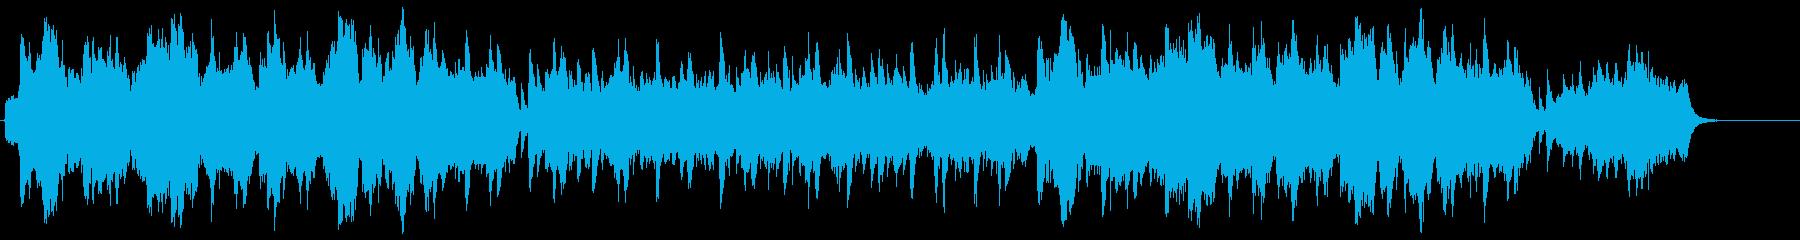 和風のおだやかな曲/琴と笛/ストリングスの再生済みの波形